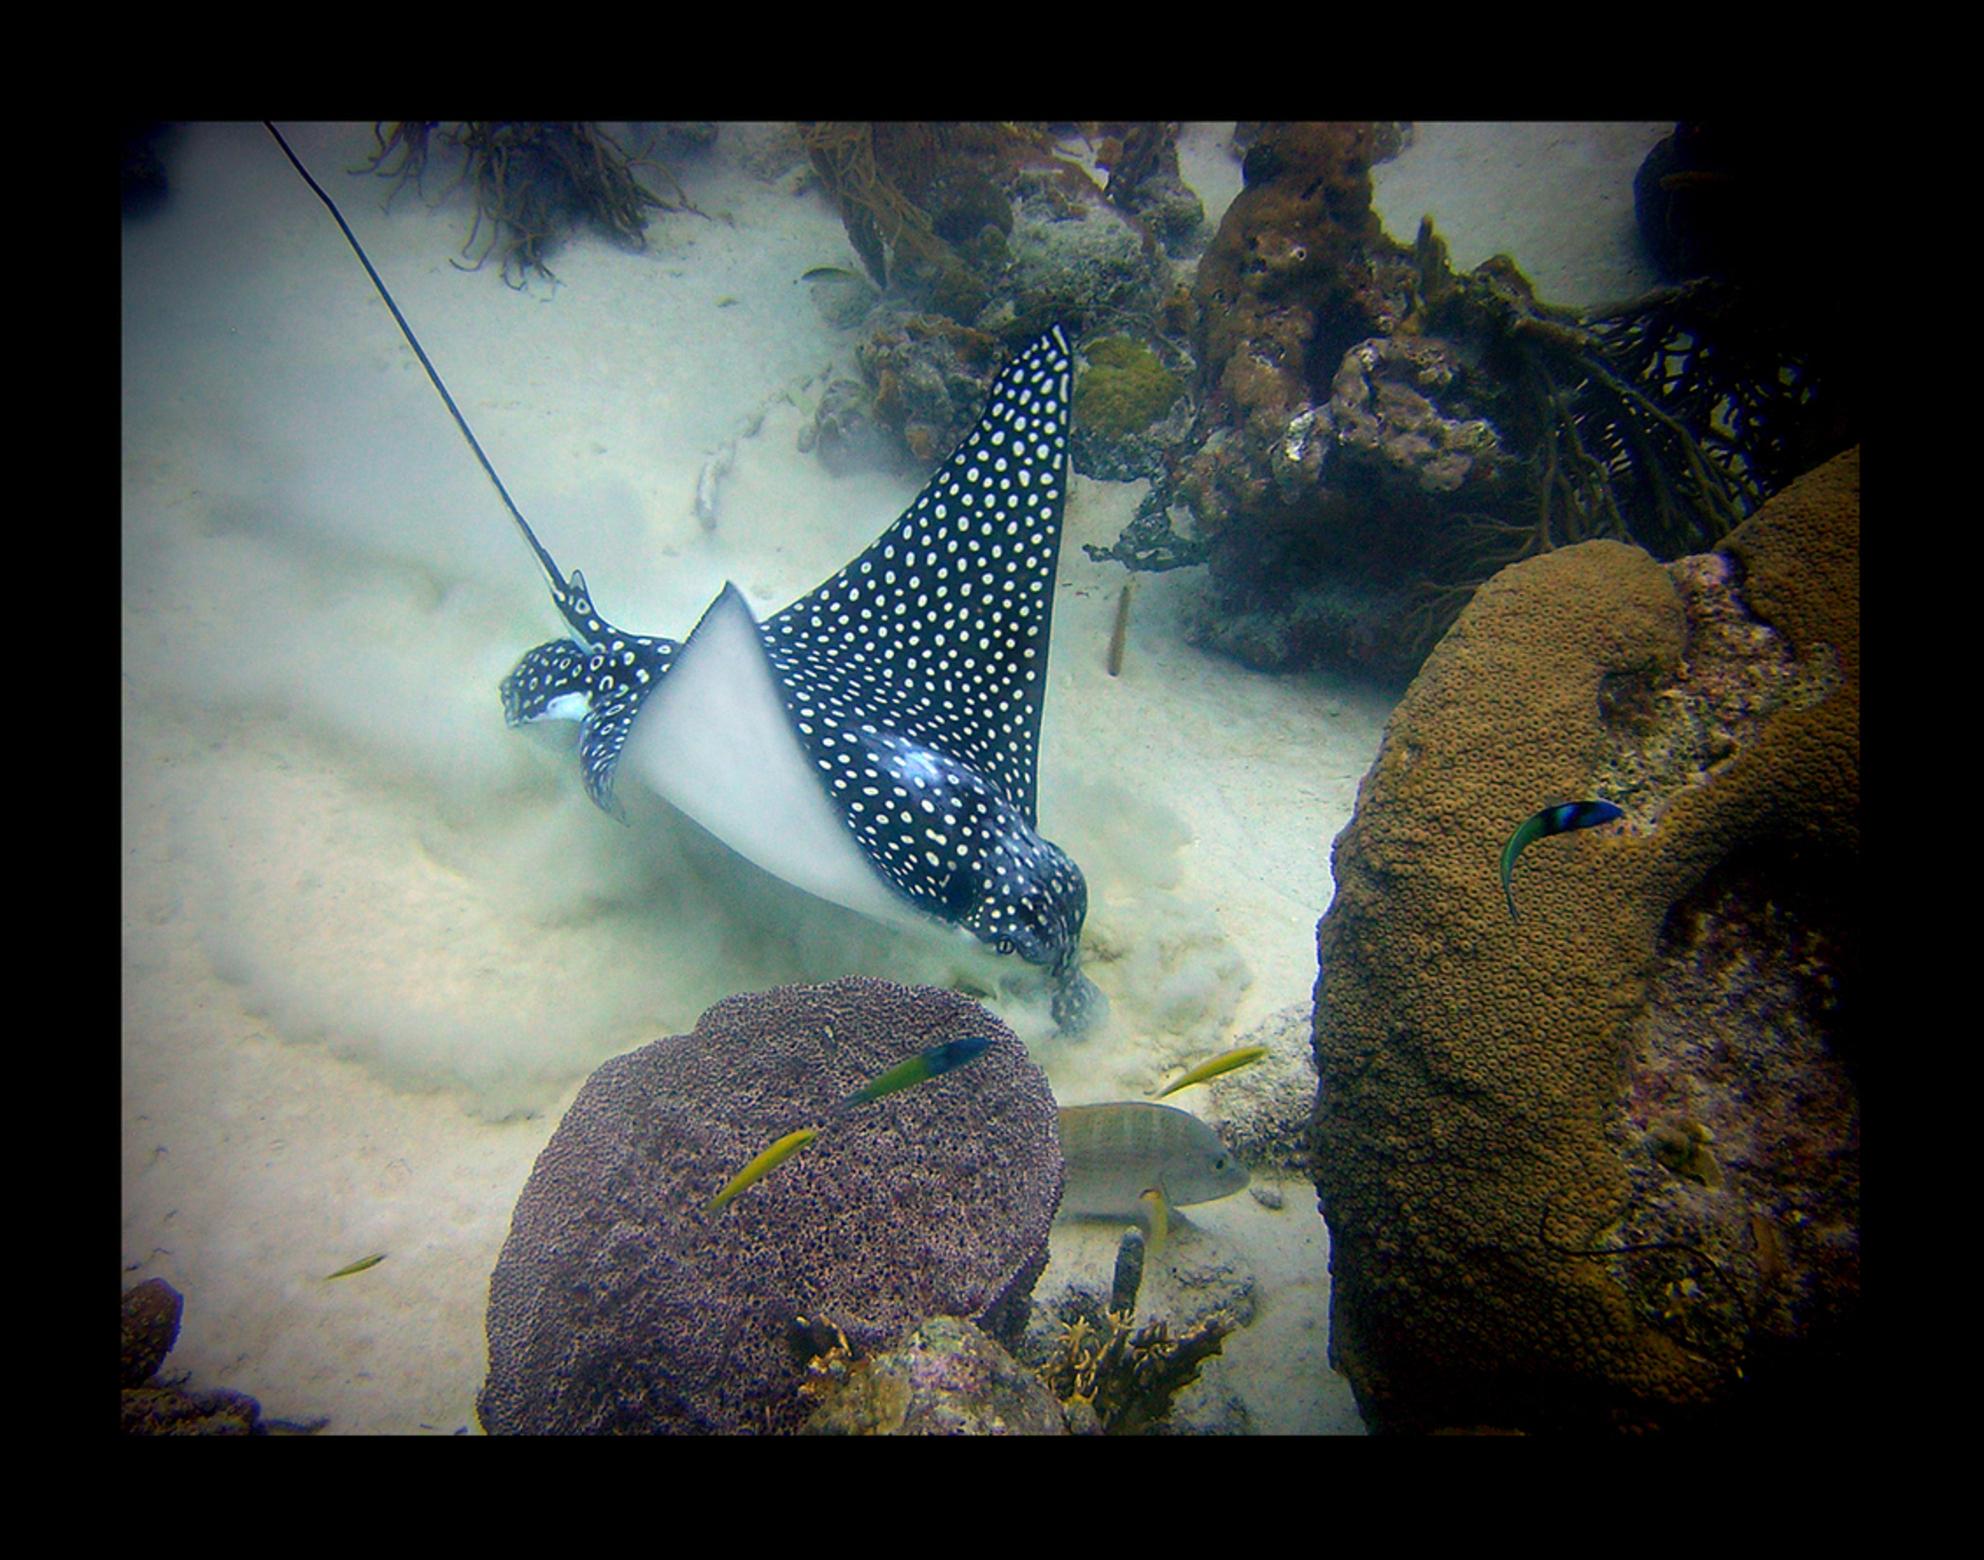 Wroetende Eagle Ray - Een andere Eagle Ray onder water tegengekomen op Bonaire.  Alvast iedereen een fijne jaarwisseling. - foto door shahaira op 30-12-2008 - deze foto bevat: vissen, eagle, bonaire, duiken, onderwaterfotografie, ray, shahaira - Deze foto mag gebruikt worden in een Zoom.nl publicatie